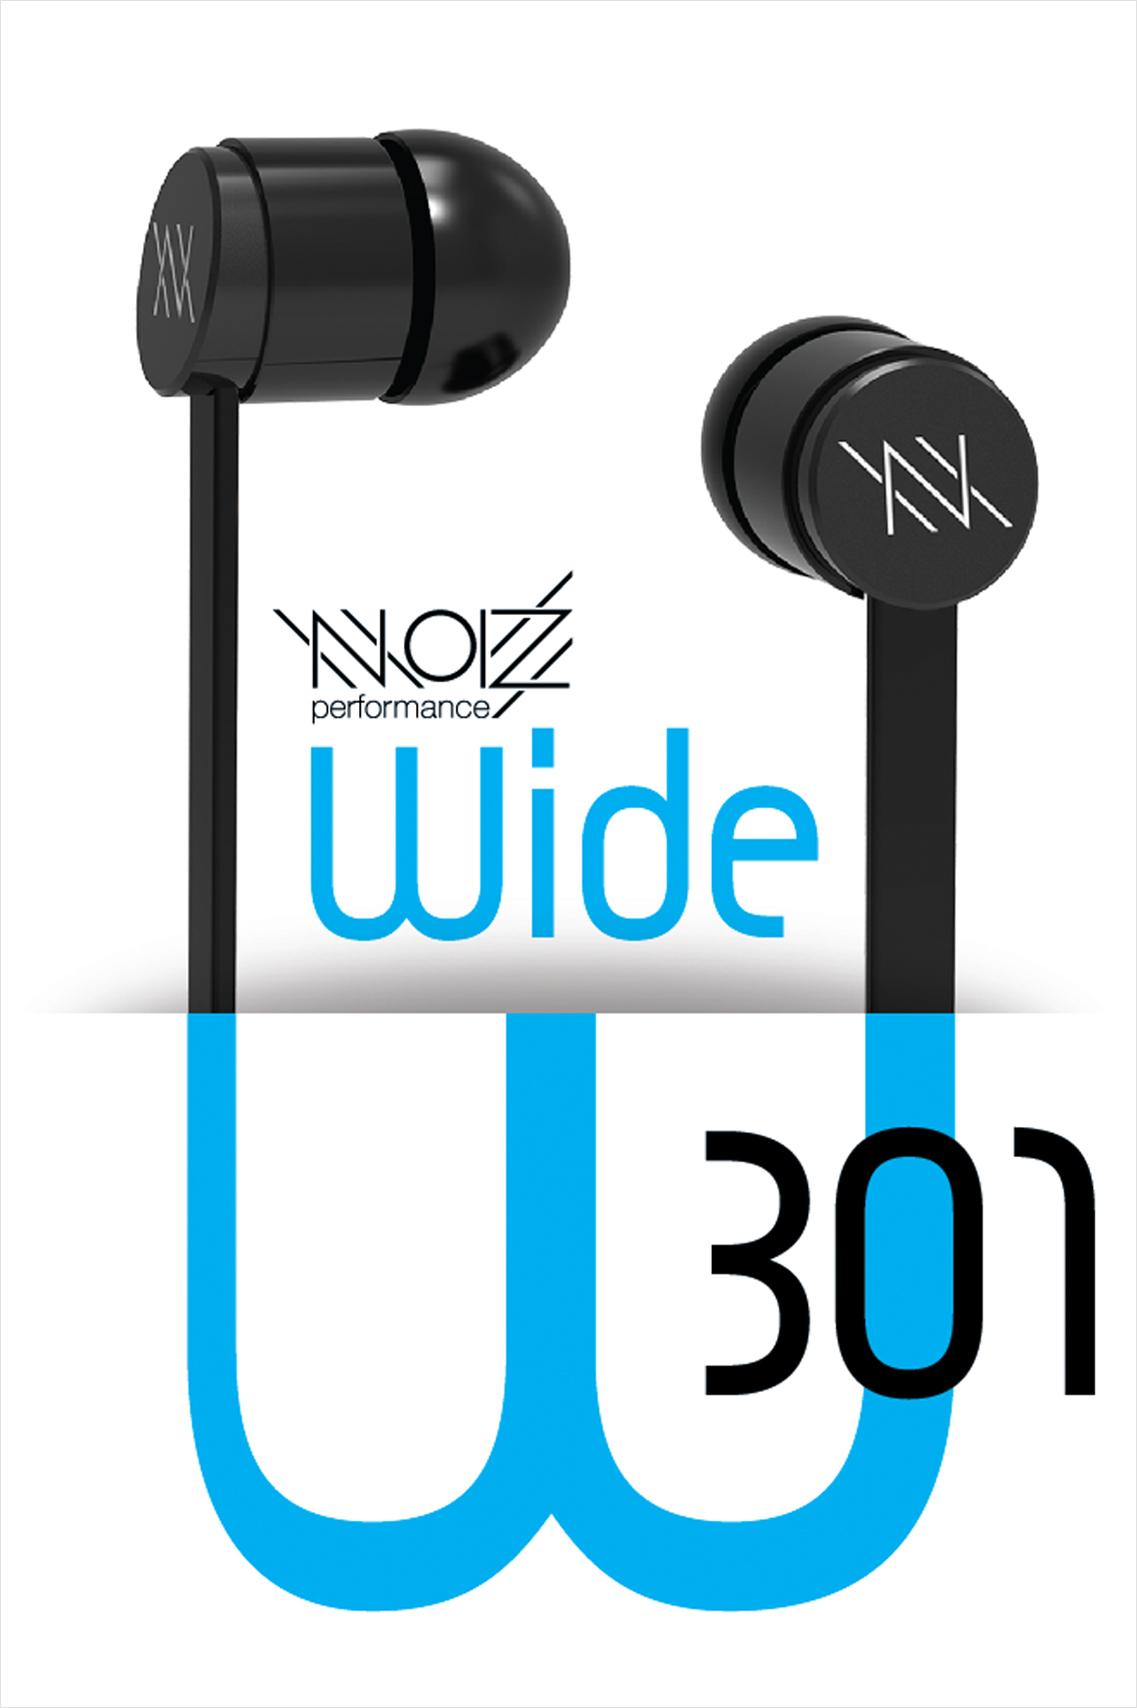 Гарнитура NOIZ Performance W-301 Wide Jet Black гарнитура noiz performance hook gray black